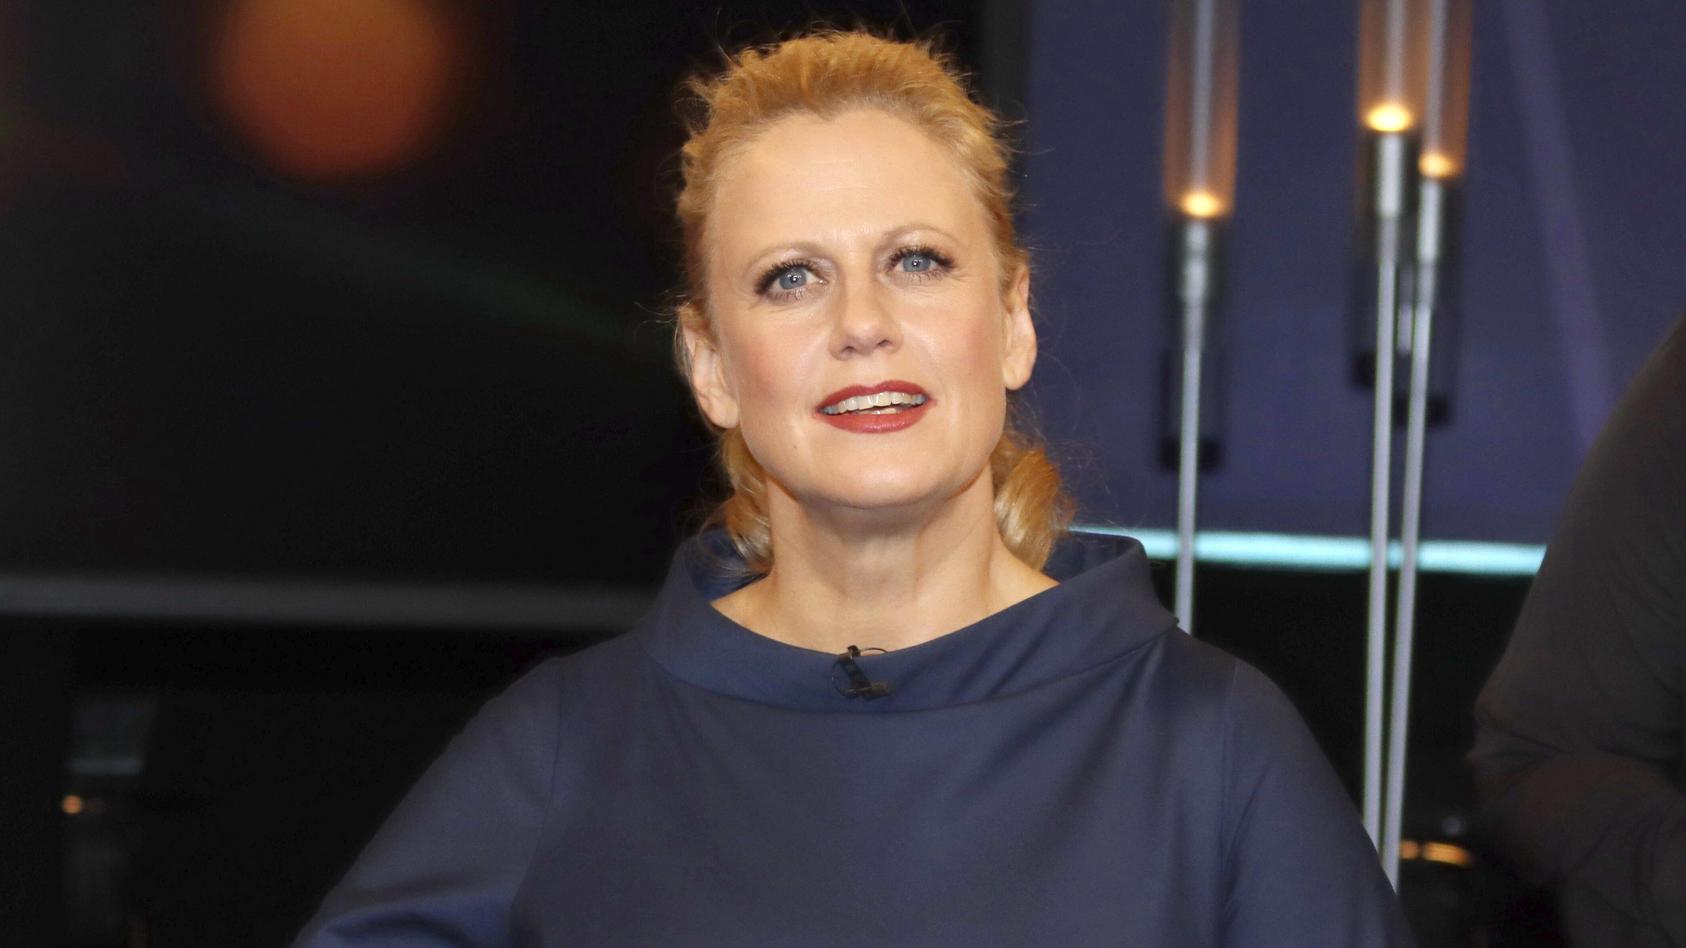 Barbara Schöneberger: Treue steht nicht an erster Stelle